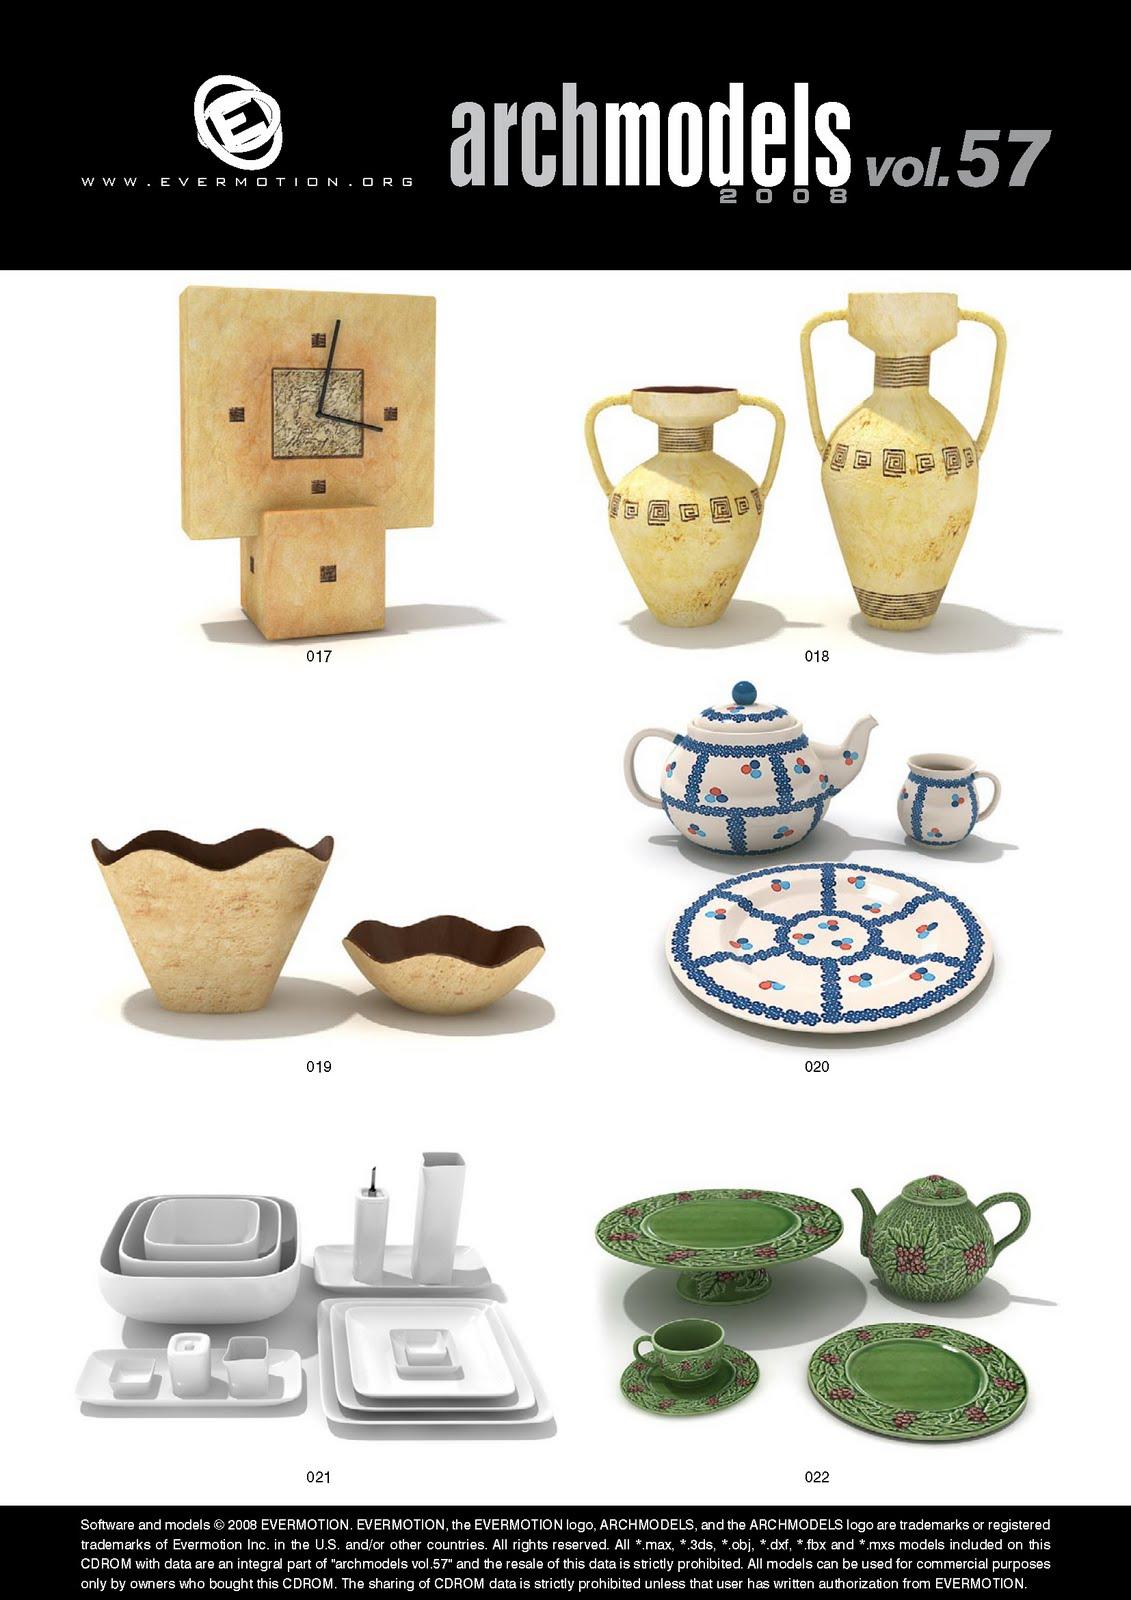 3D-XPLORE: Archmodels vol  57 - Porcelain & Dishes